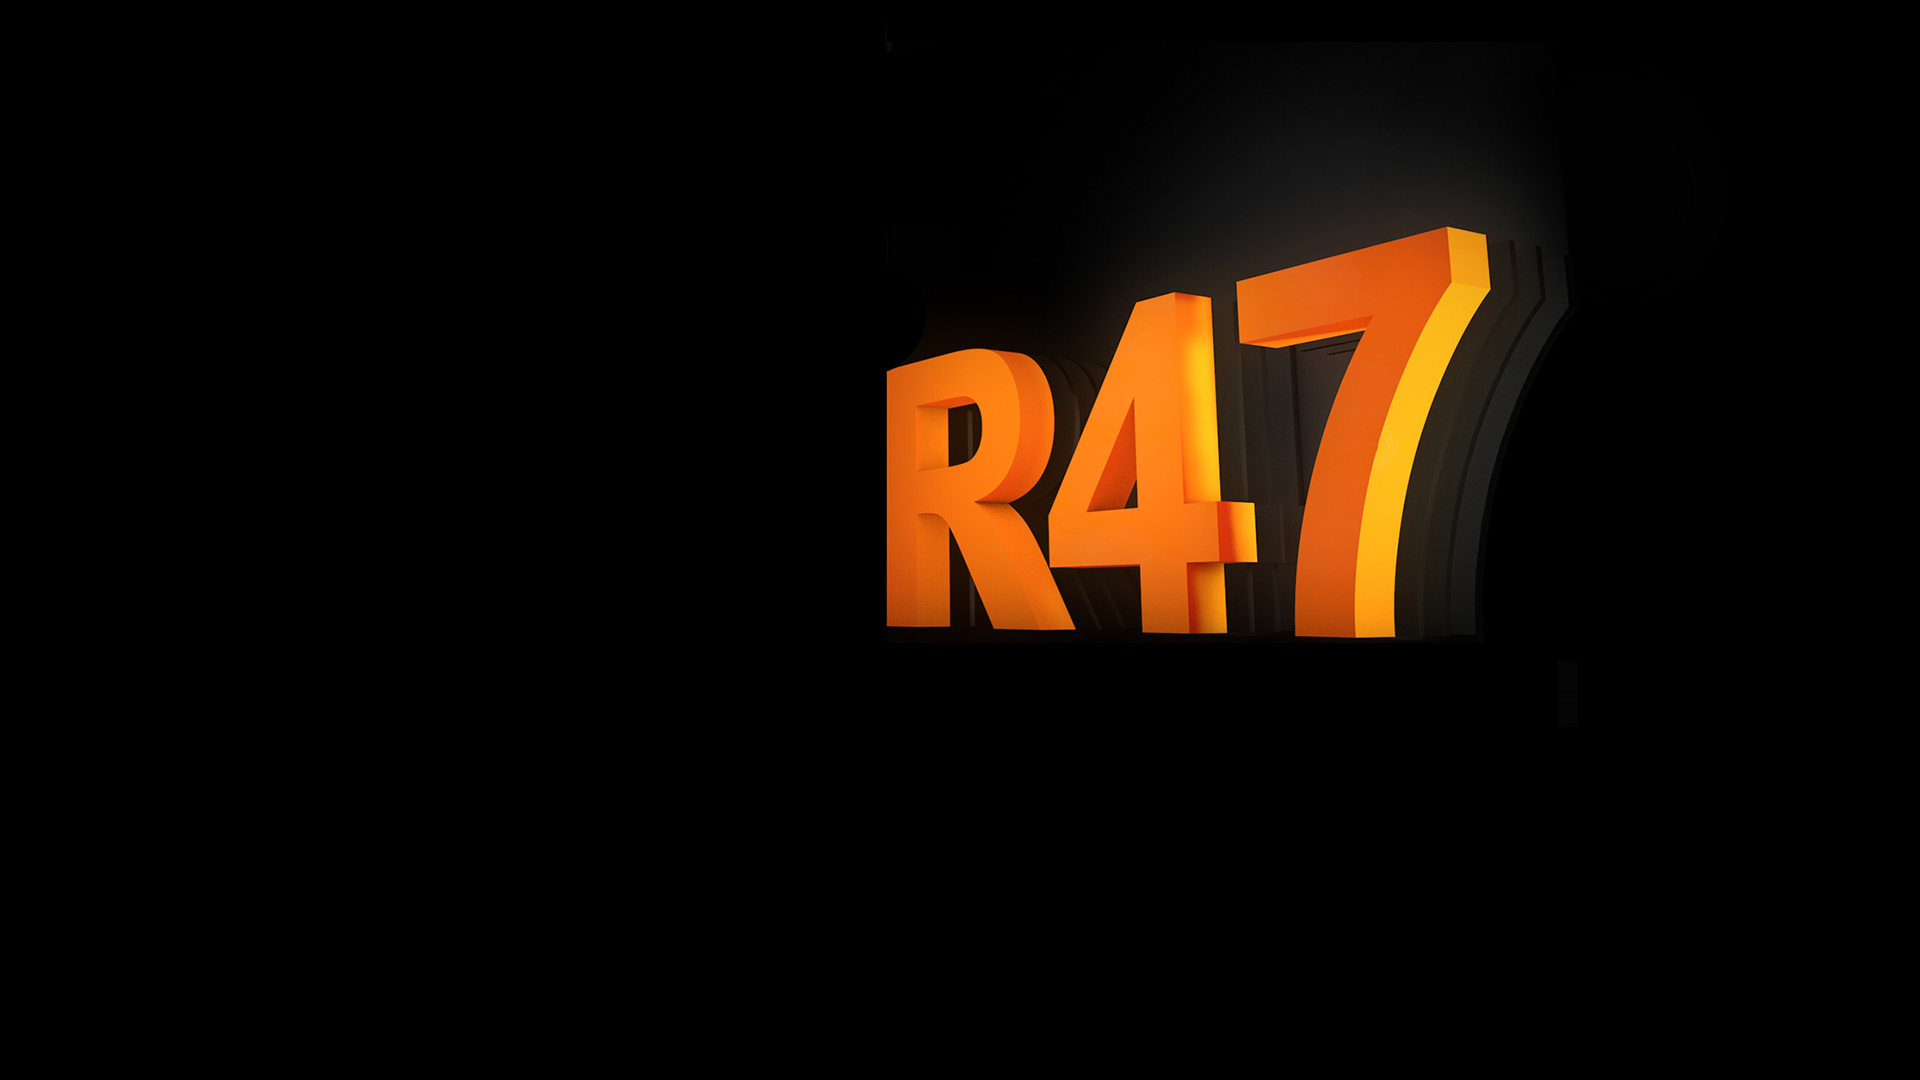 wysiwyg R47 coming soon